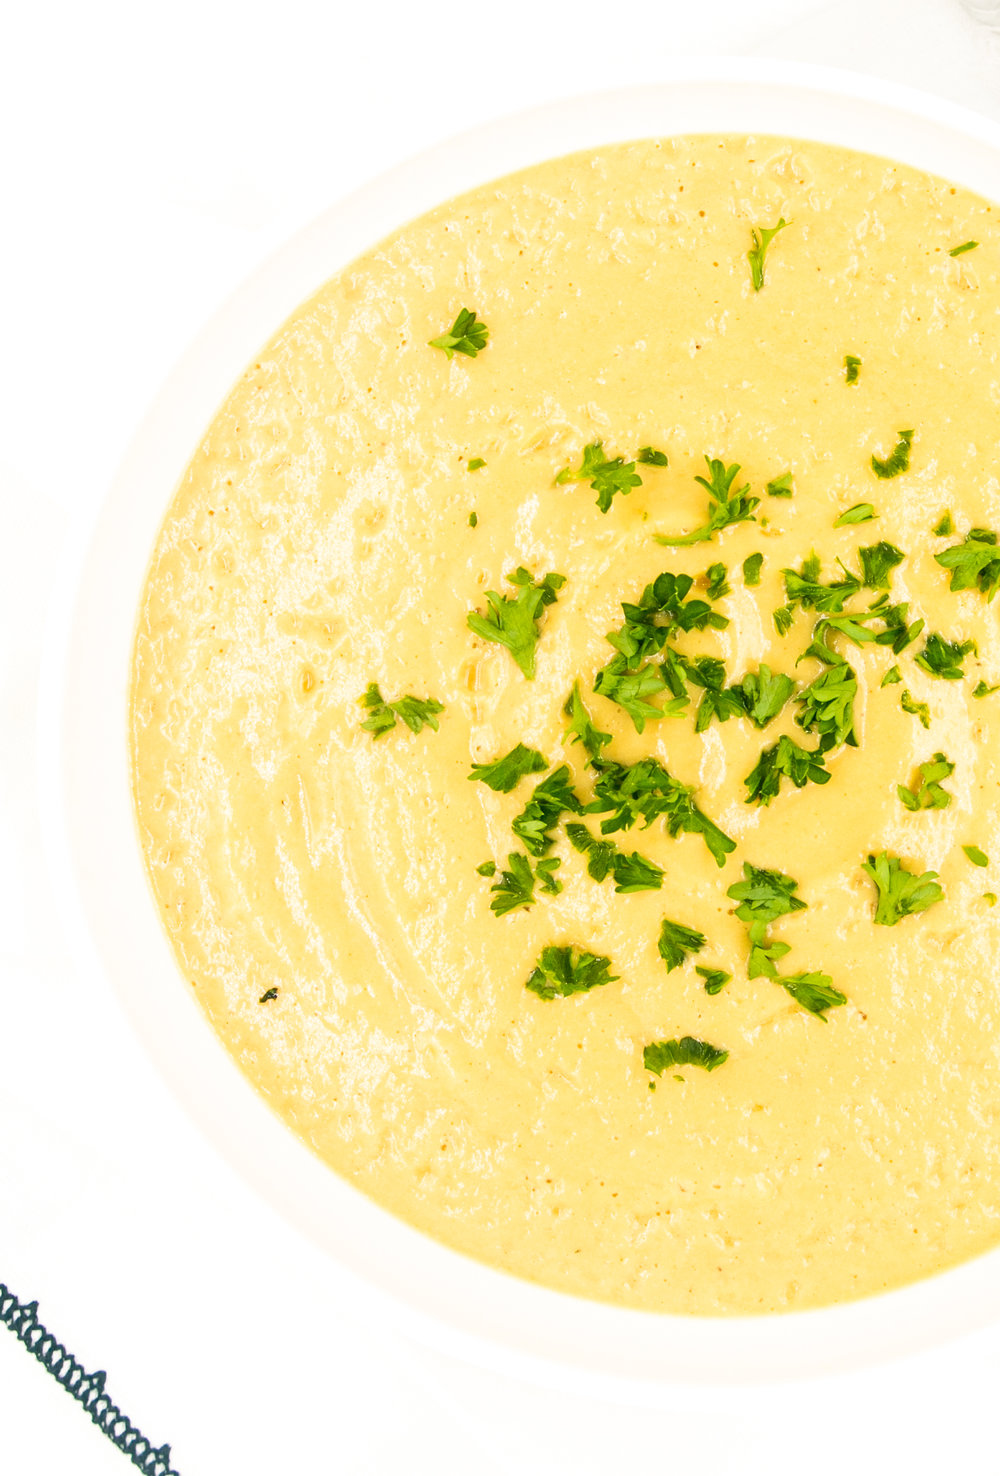 saladmenu cauliflower soup